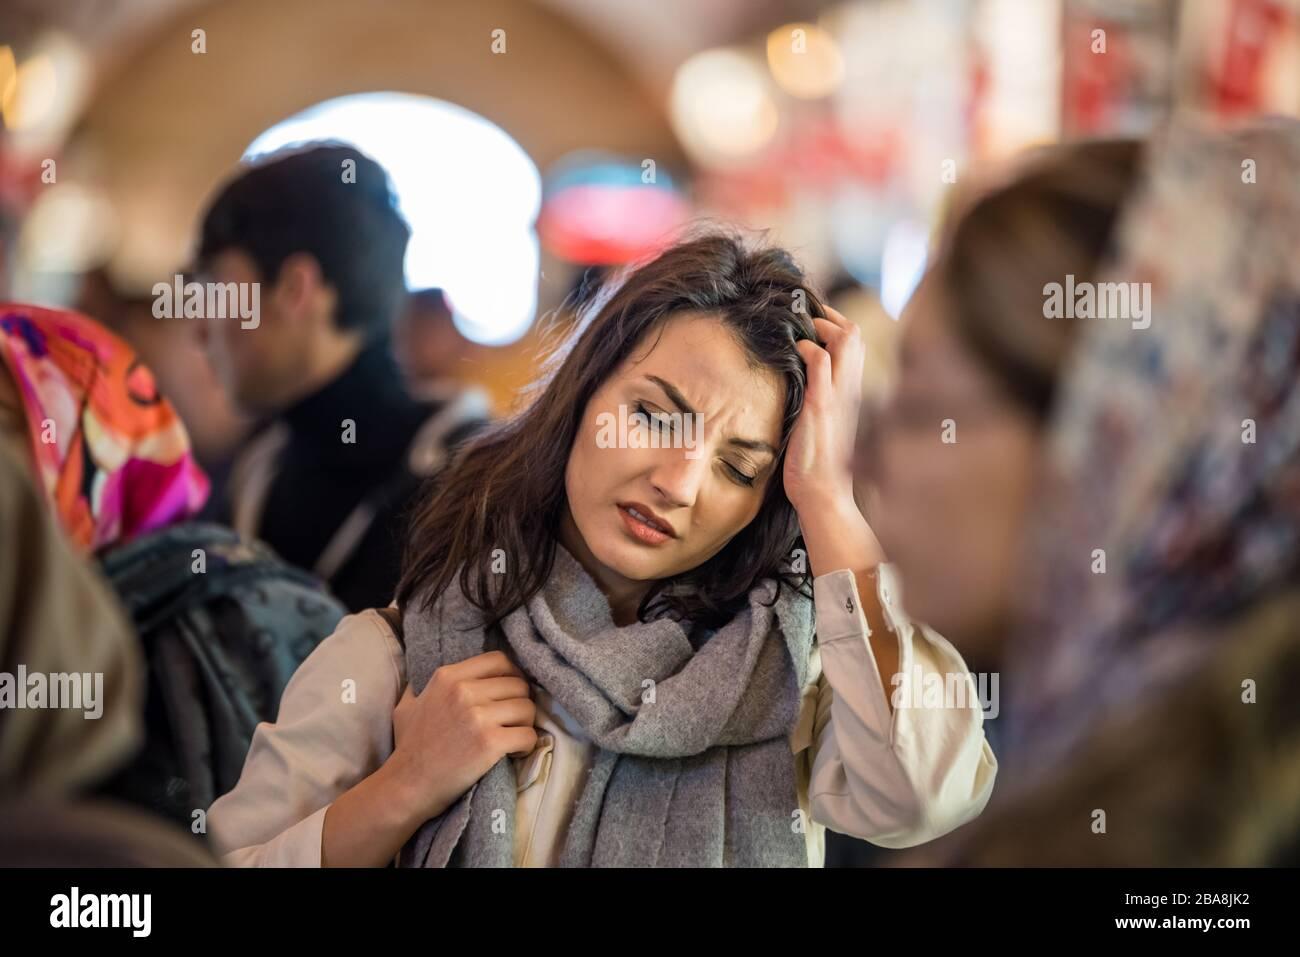 Una mujer hermosa con ropa moderna de moda sufre problemas de migraña o dolor de cabeza mientras se encuentra de pie multitud de personas en la carretera. Foto de stock